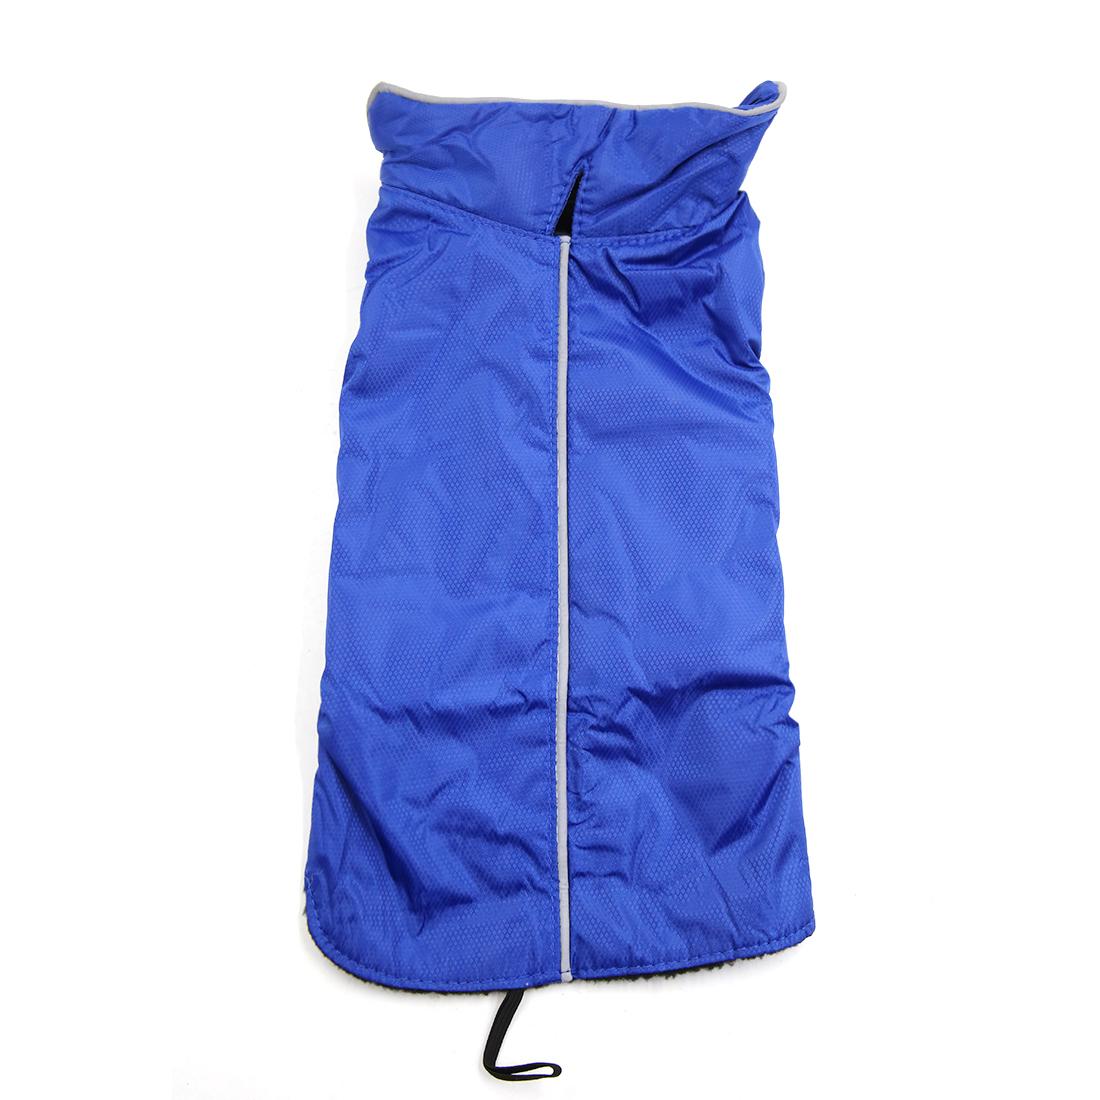 Reflective Vest Jacket Clothes Soft Warm Fleece Lining Dog Coat Clothing Blue XS